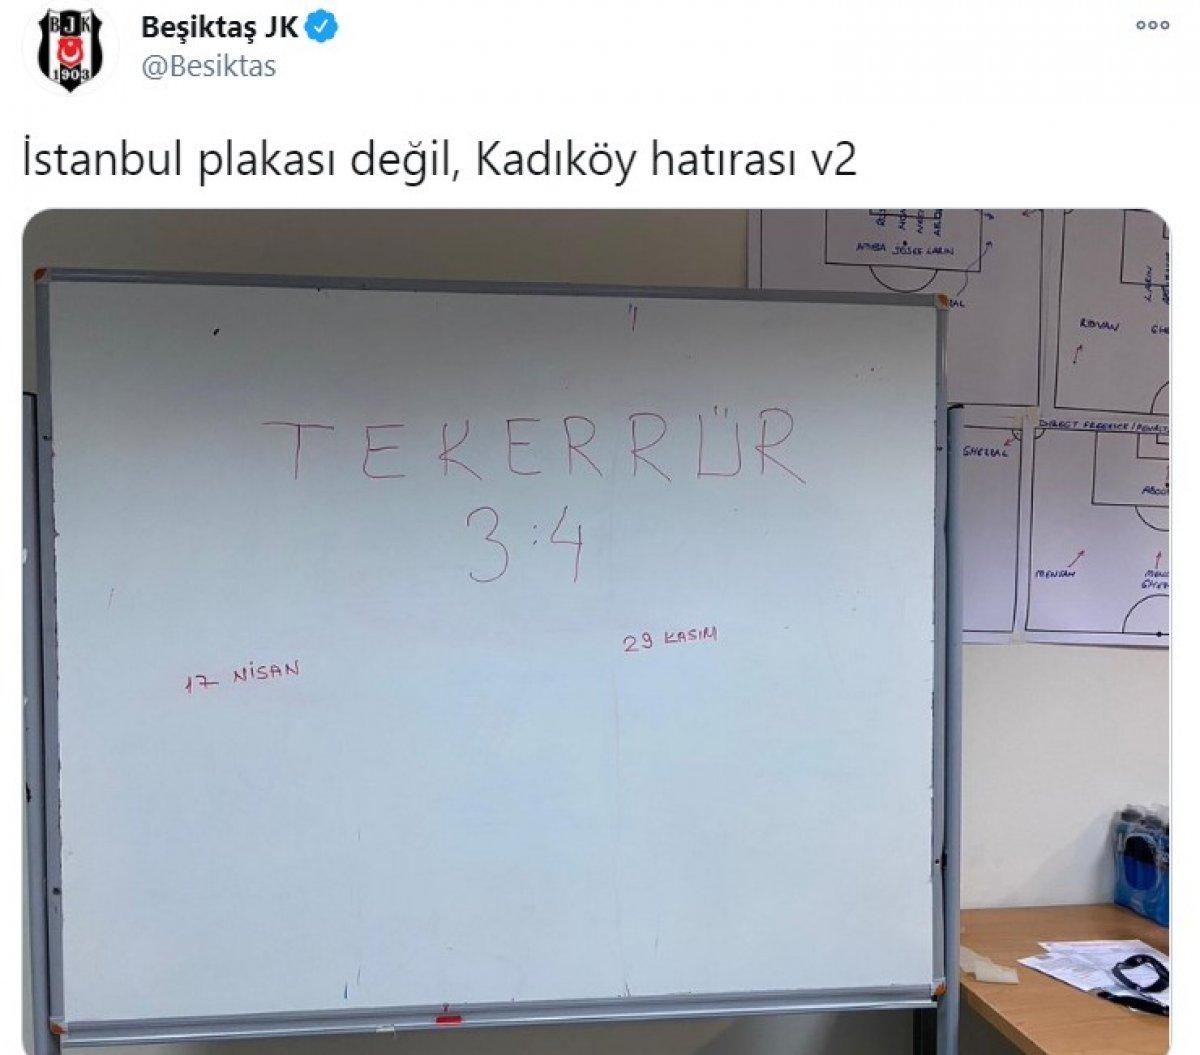 Beşiktaş tan soyunma odası paylaşımı: Tekerrür #1